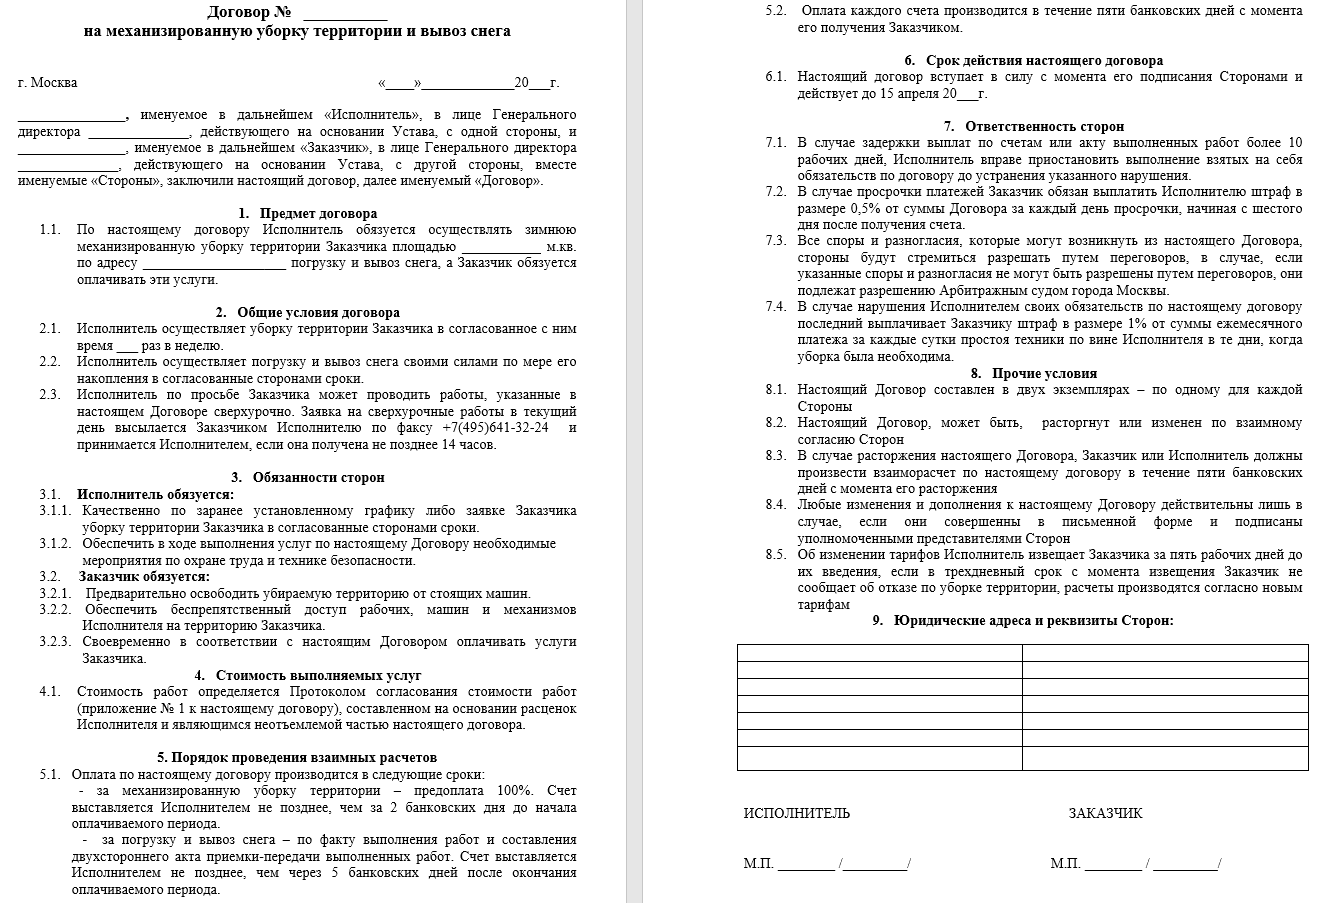 Как сдать документы на получение гос программы